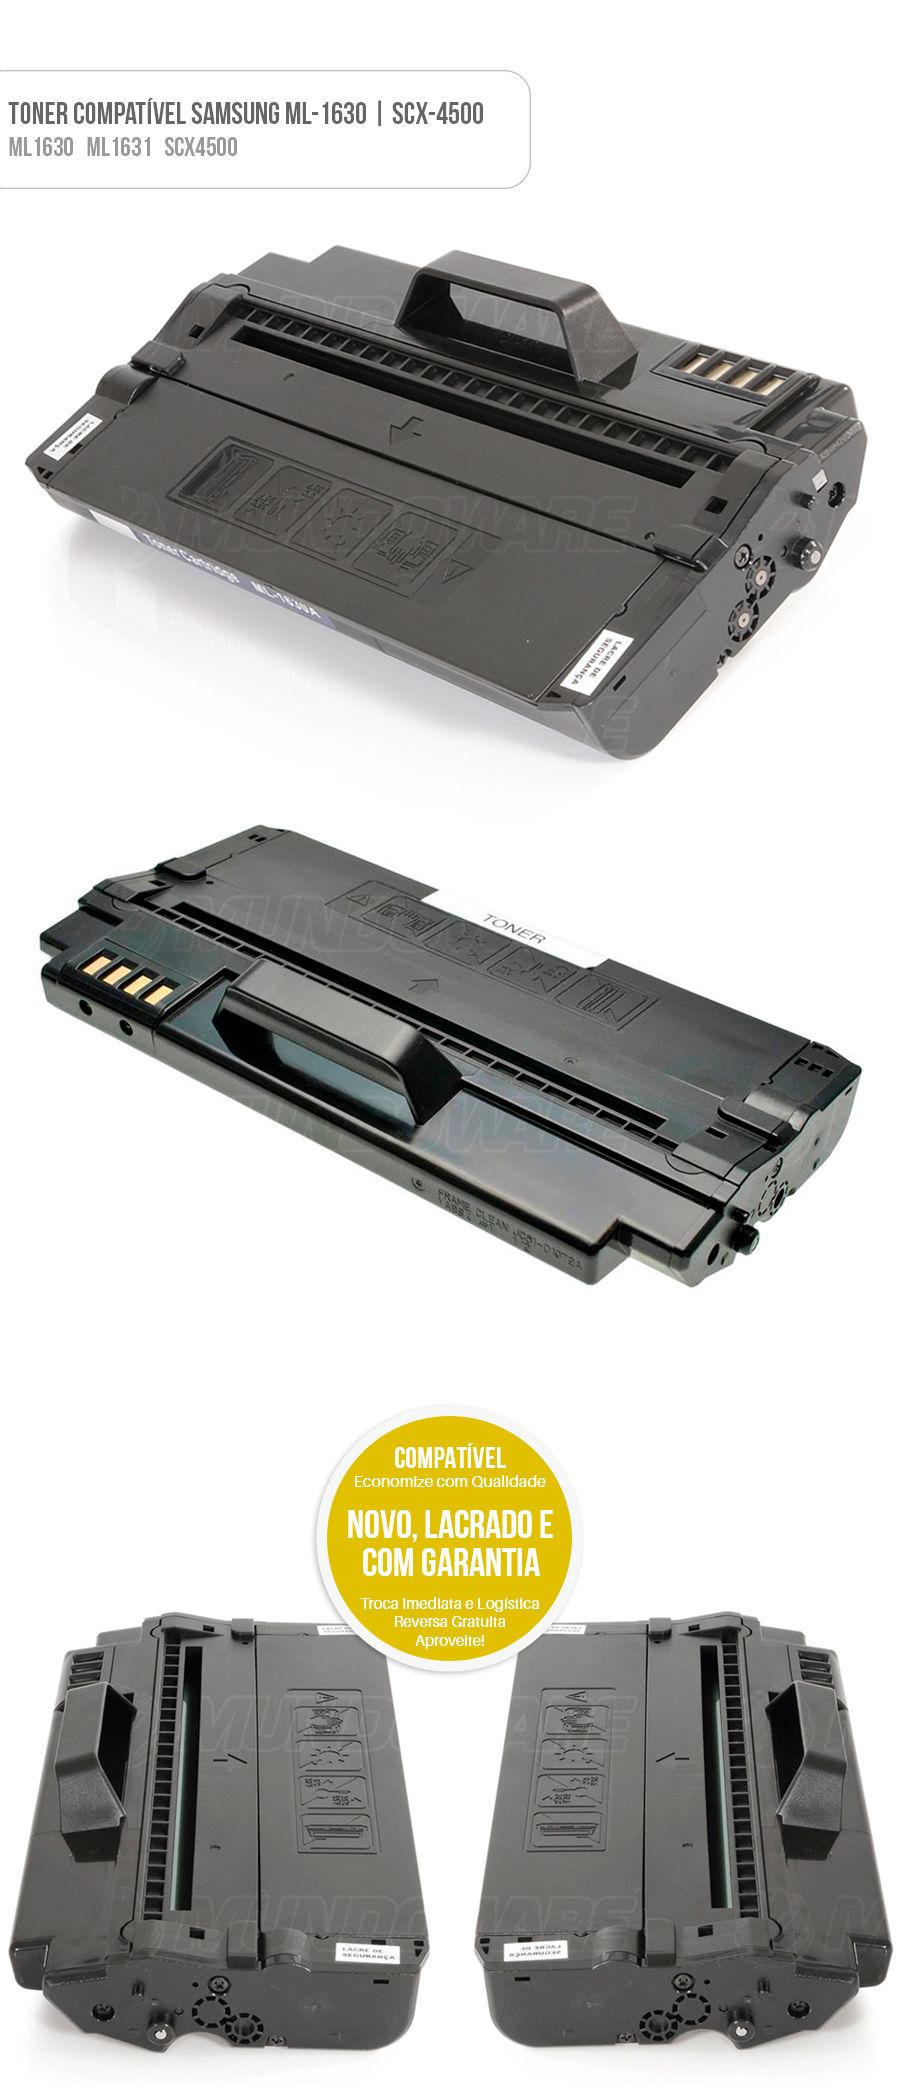 ML1630 D1630A MLD1630A ML-1630D2 SCX4500 Tonner